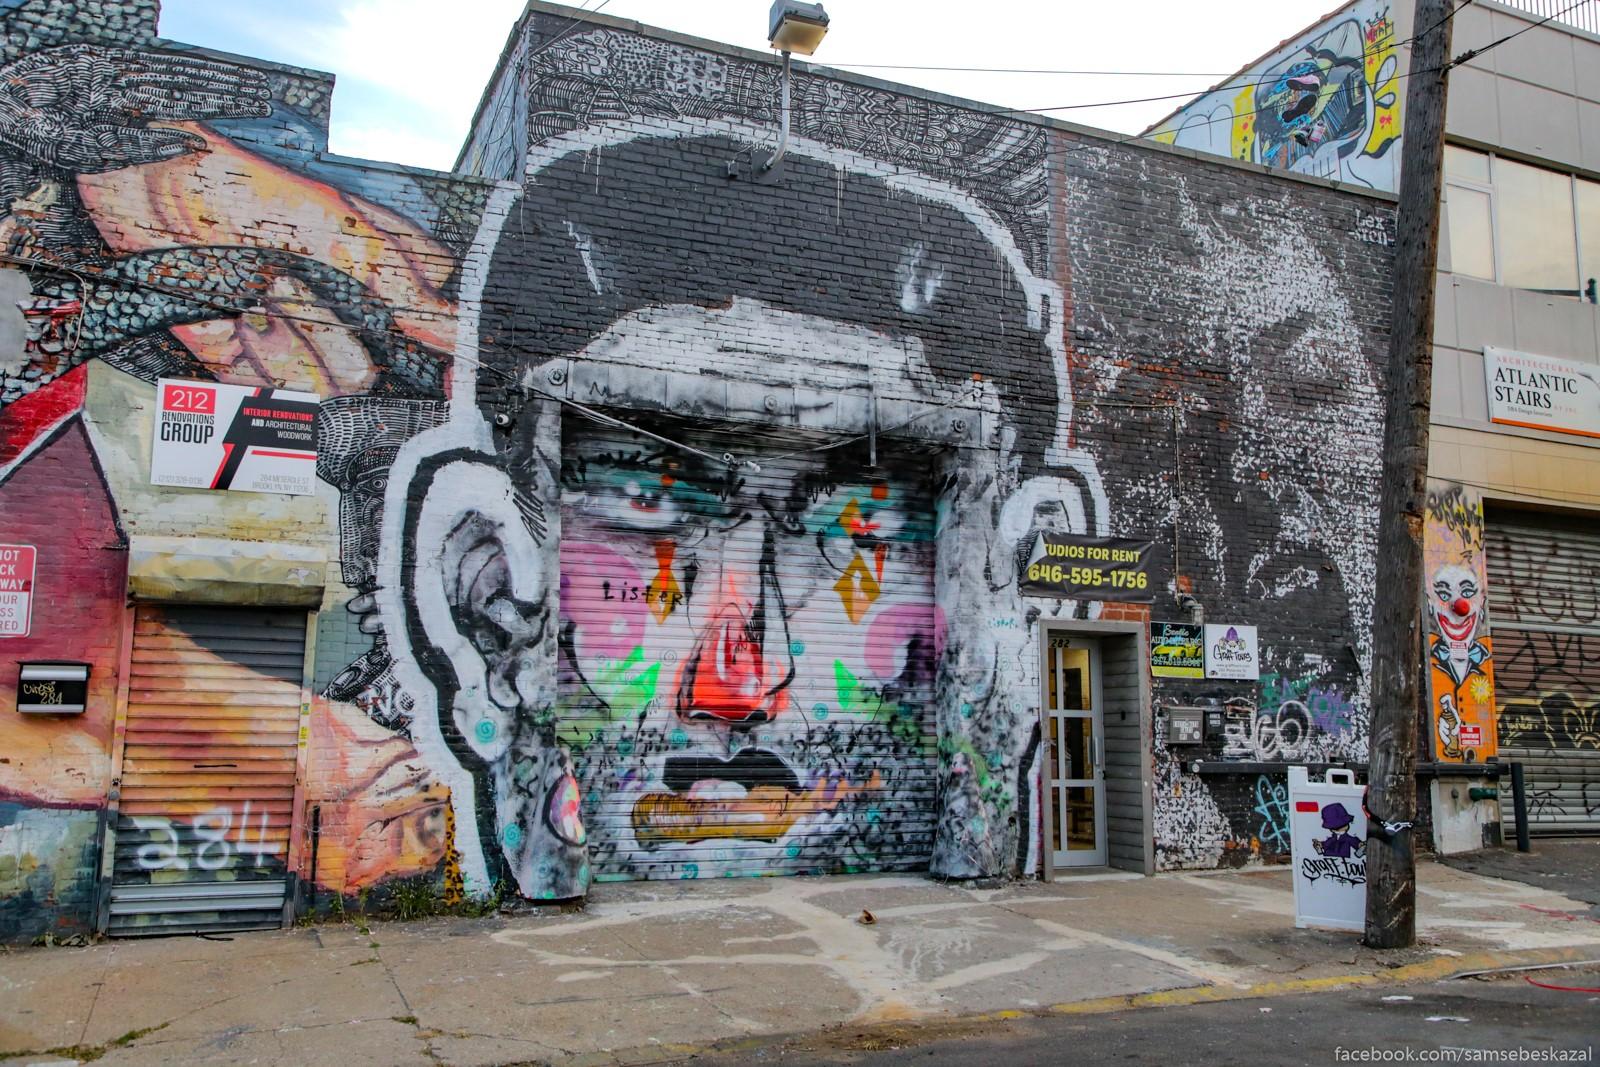 Stena zdanie v Busvike, Bruklin.